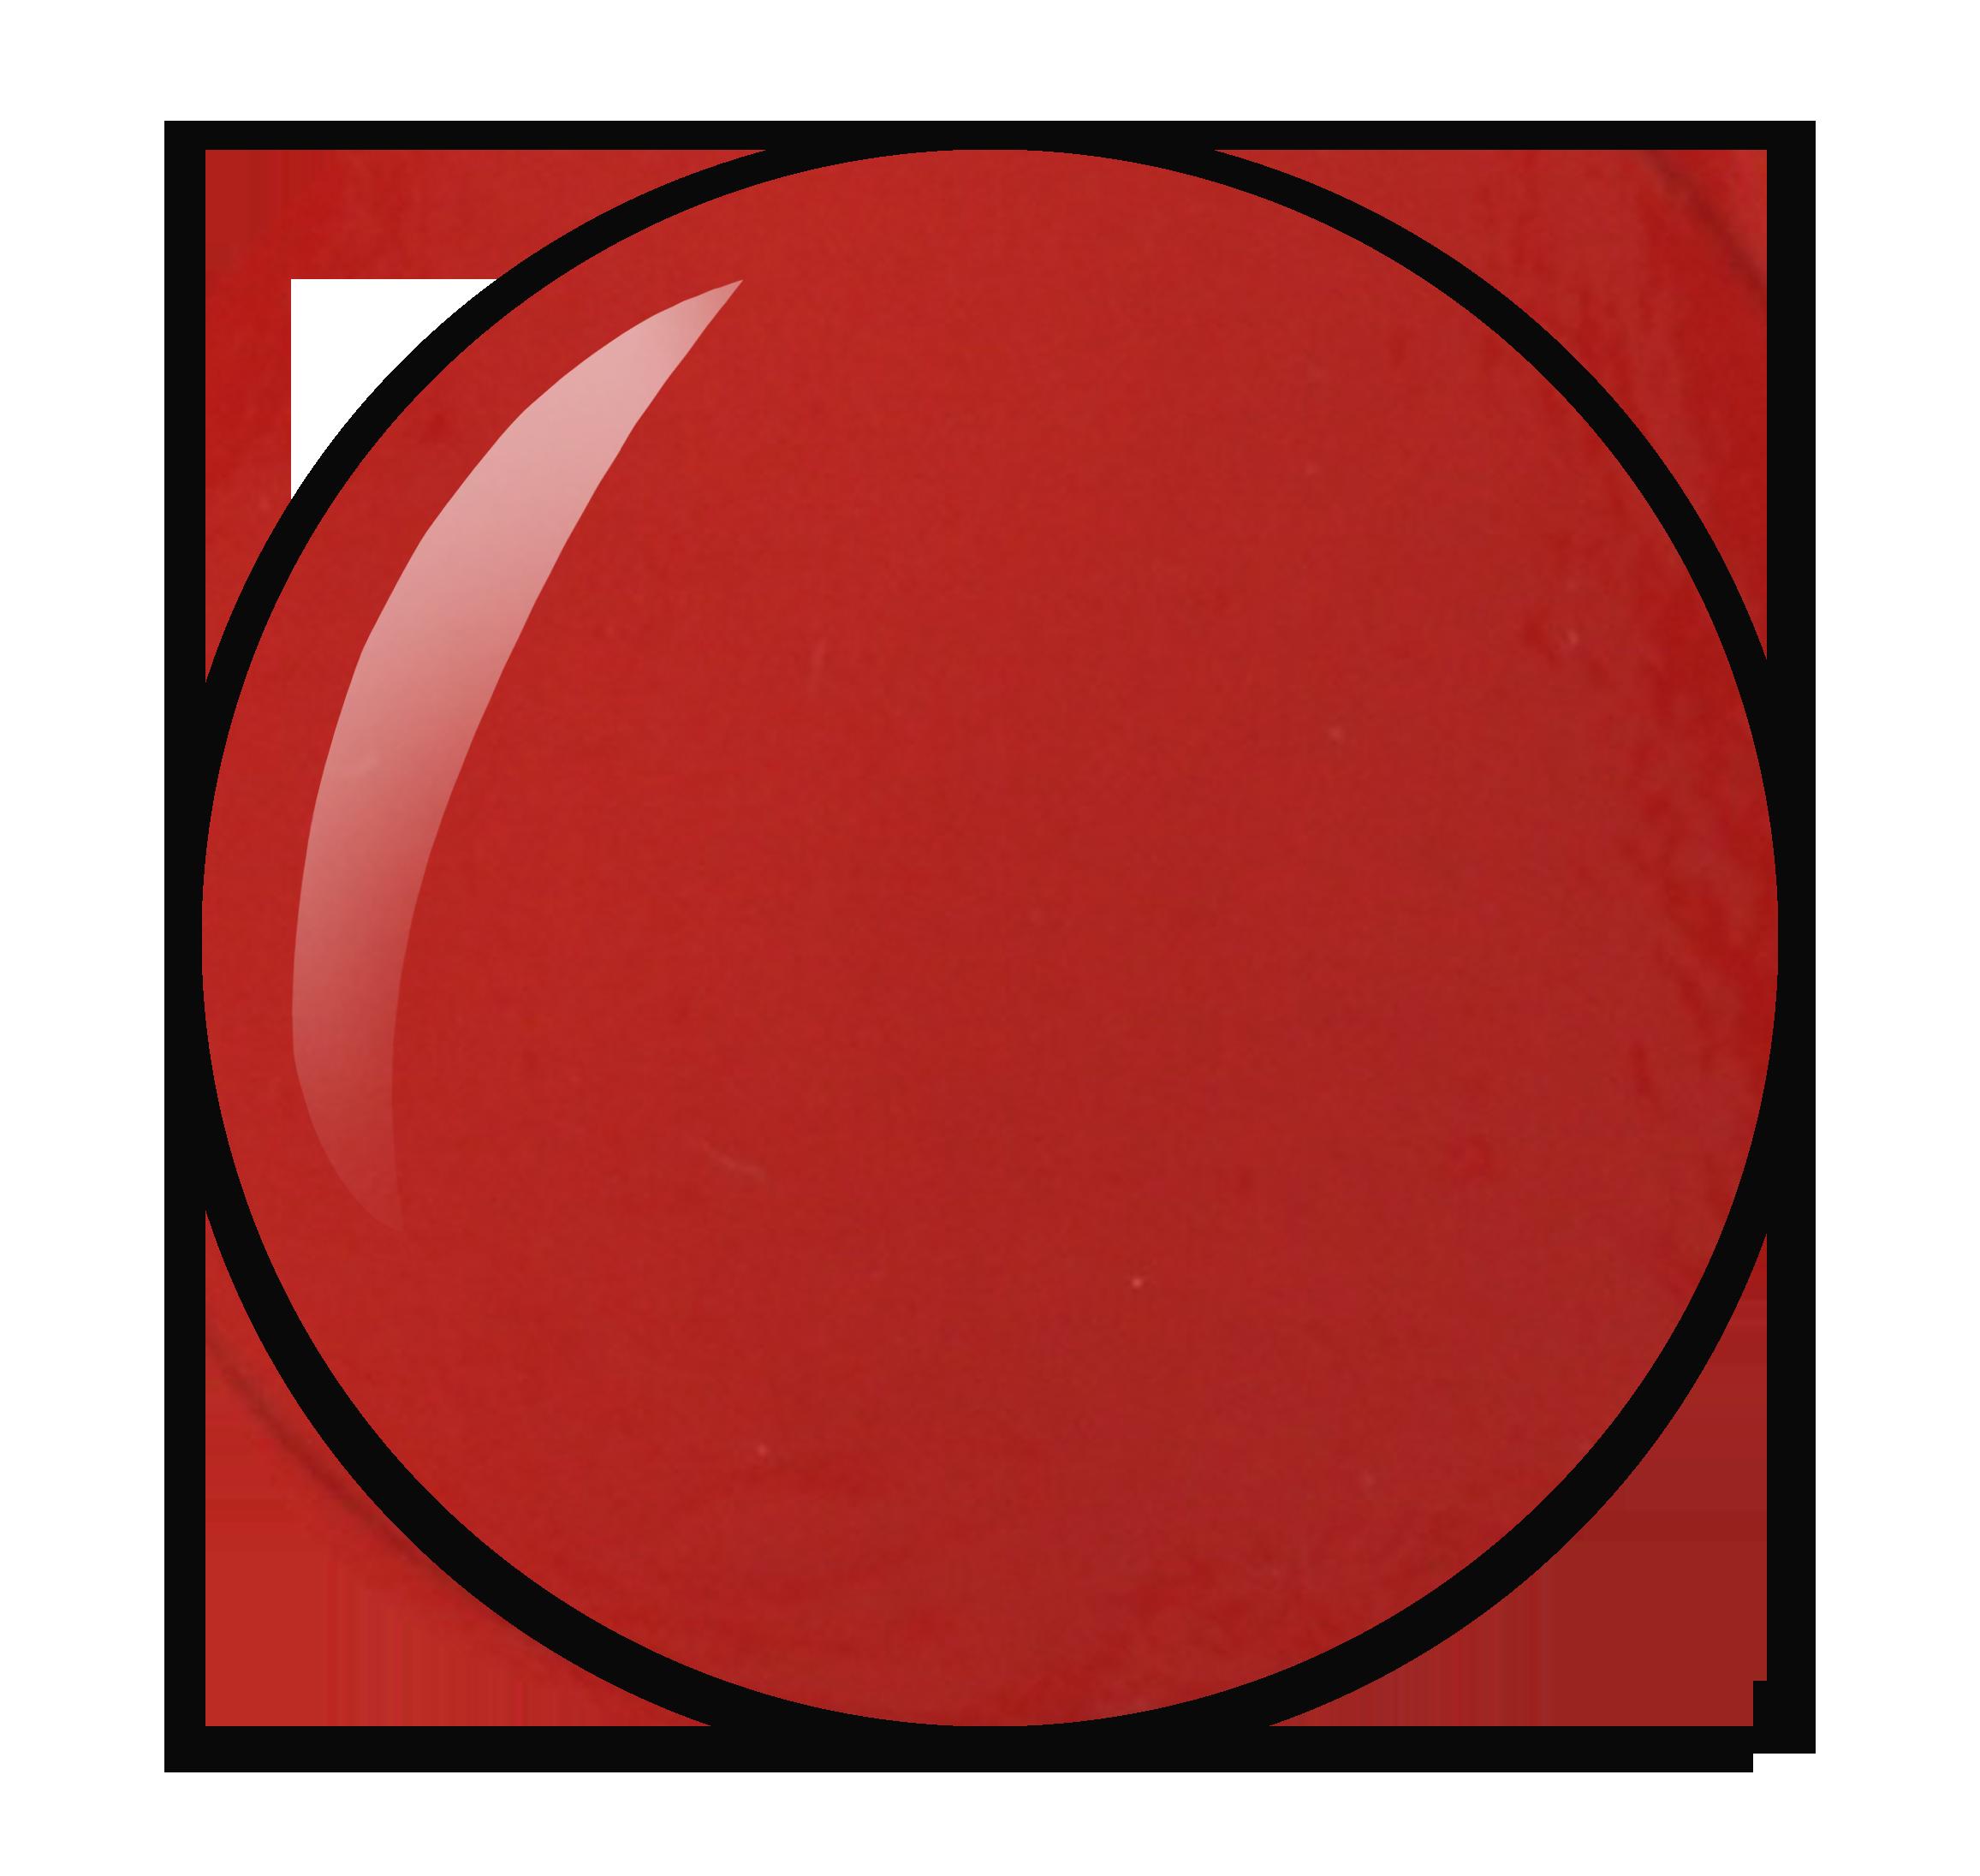 Licht rode nagellak kleur van Herôme uit nagellak collectie